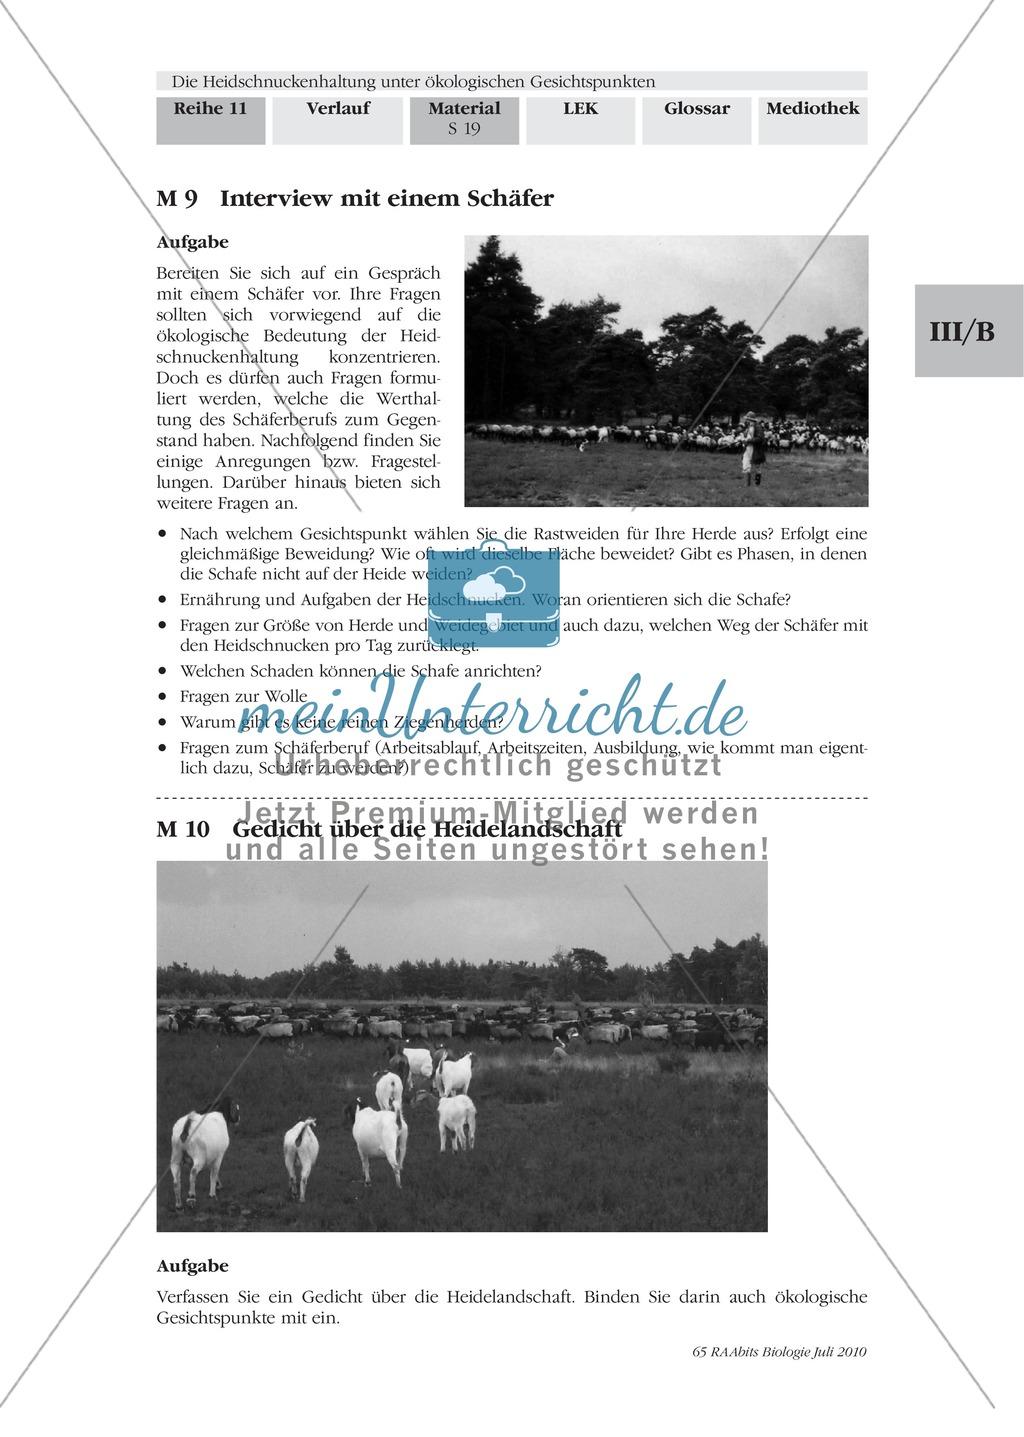 Das Ökosystem Heide und die Rolle der Heidschnucken bei der Beweidung Preview 11